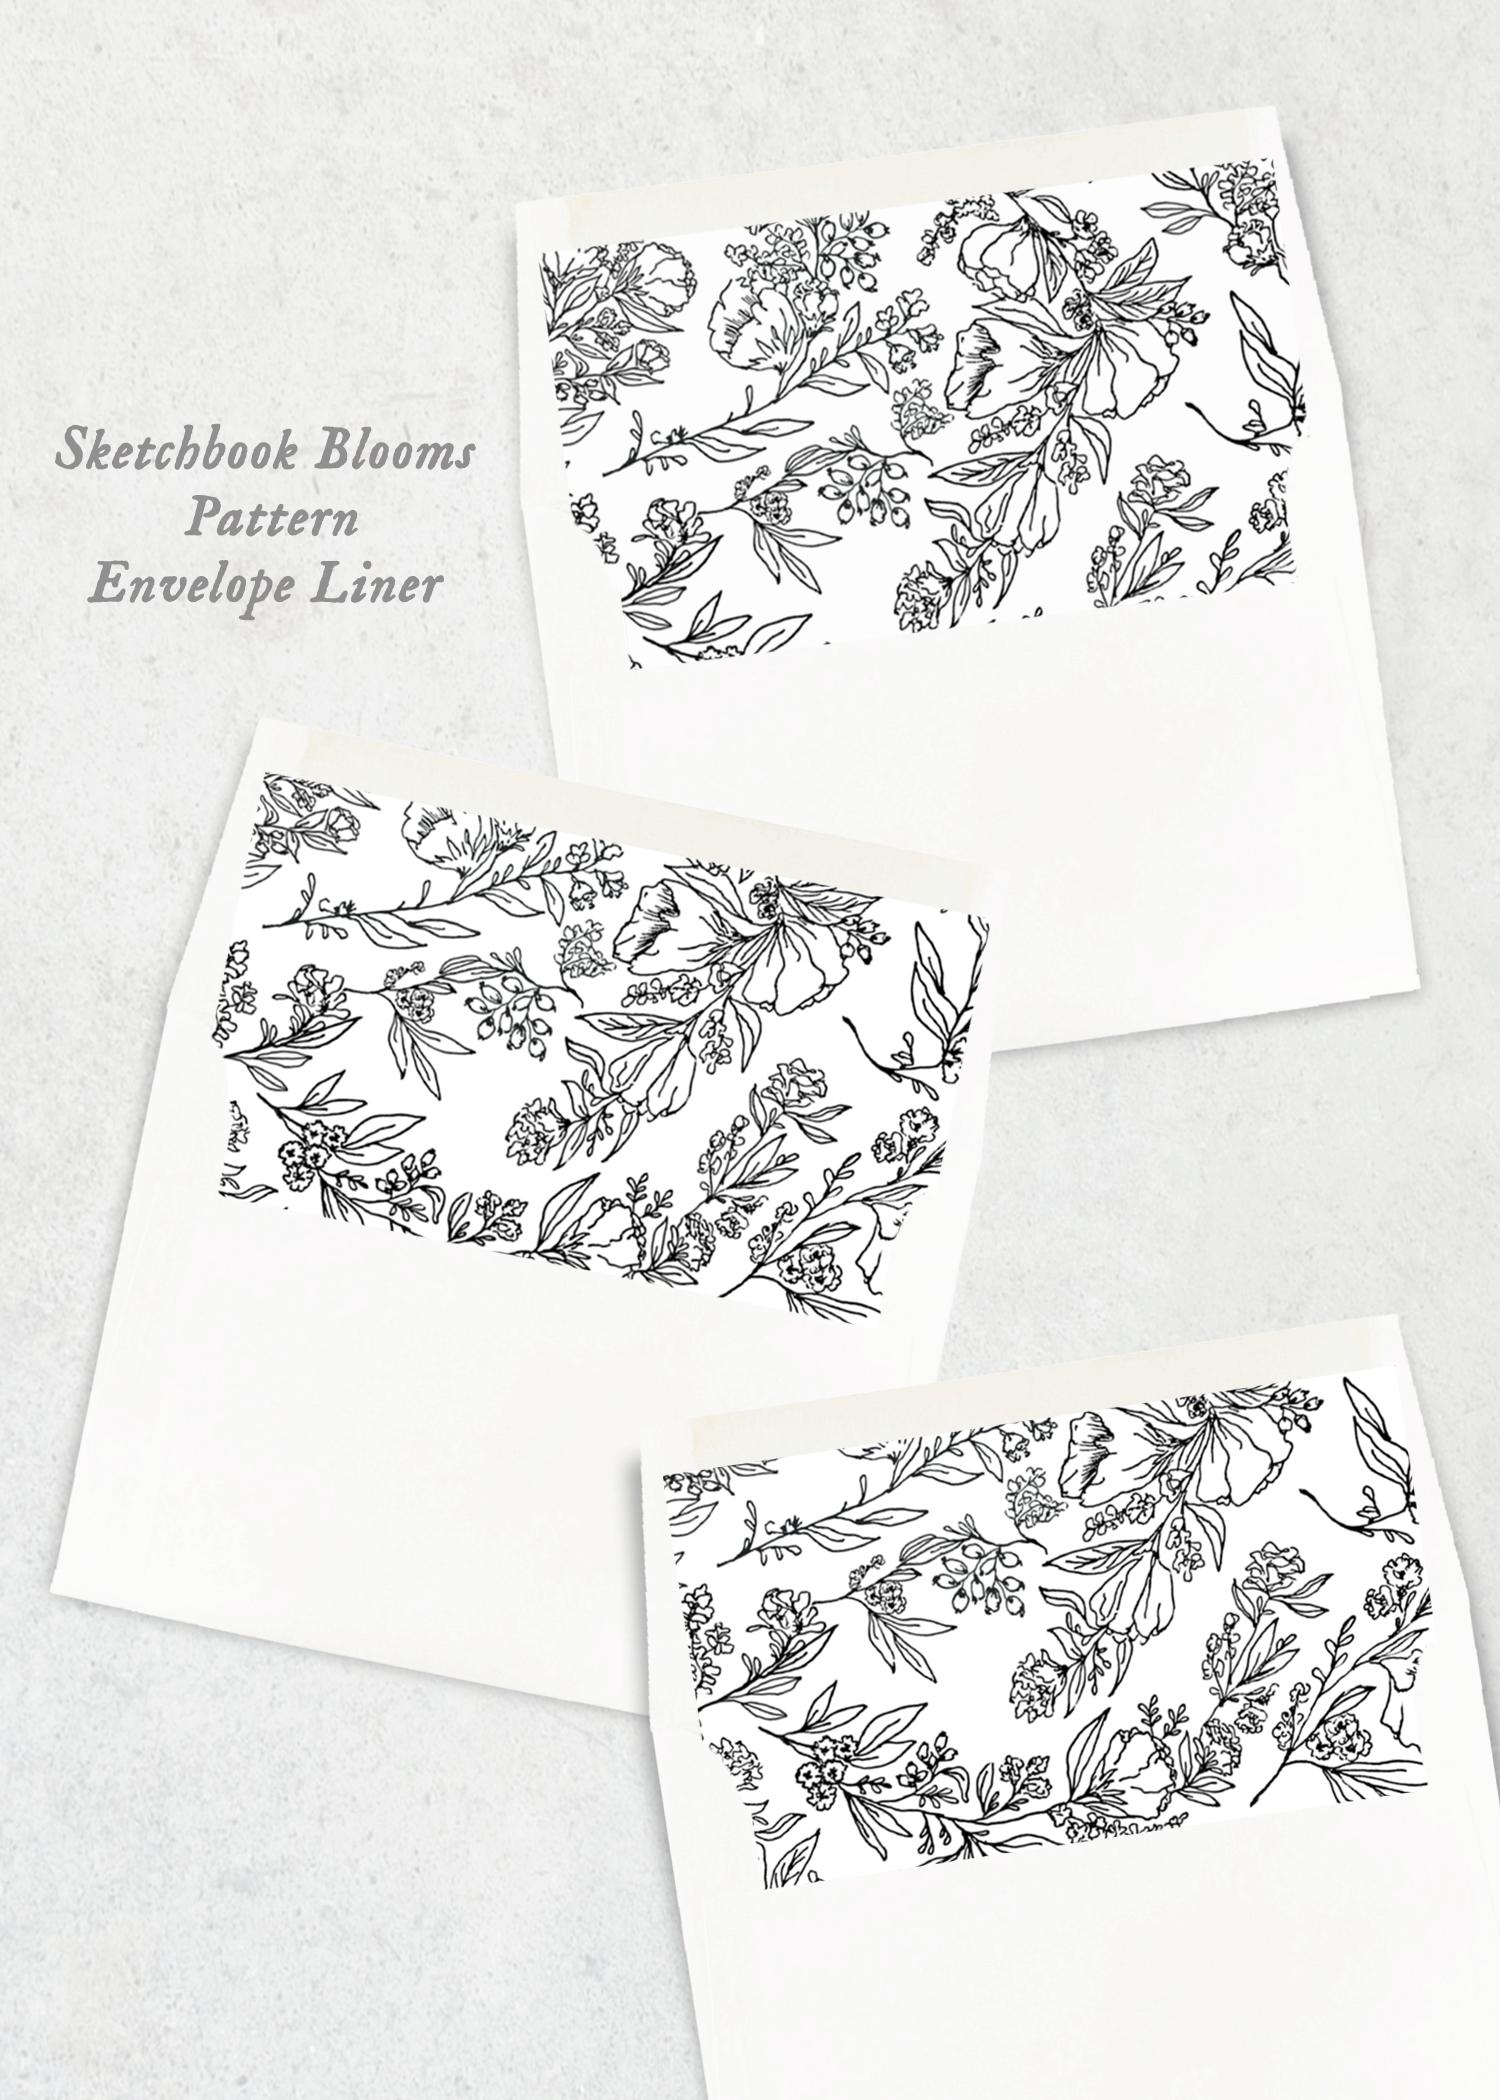 envelope liners sketchbook blooms